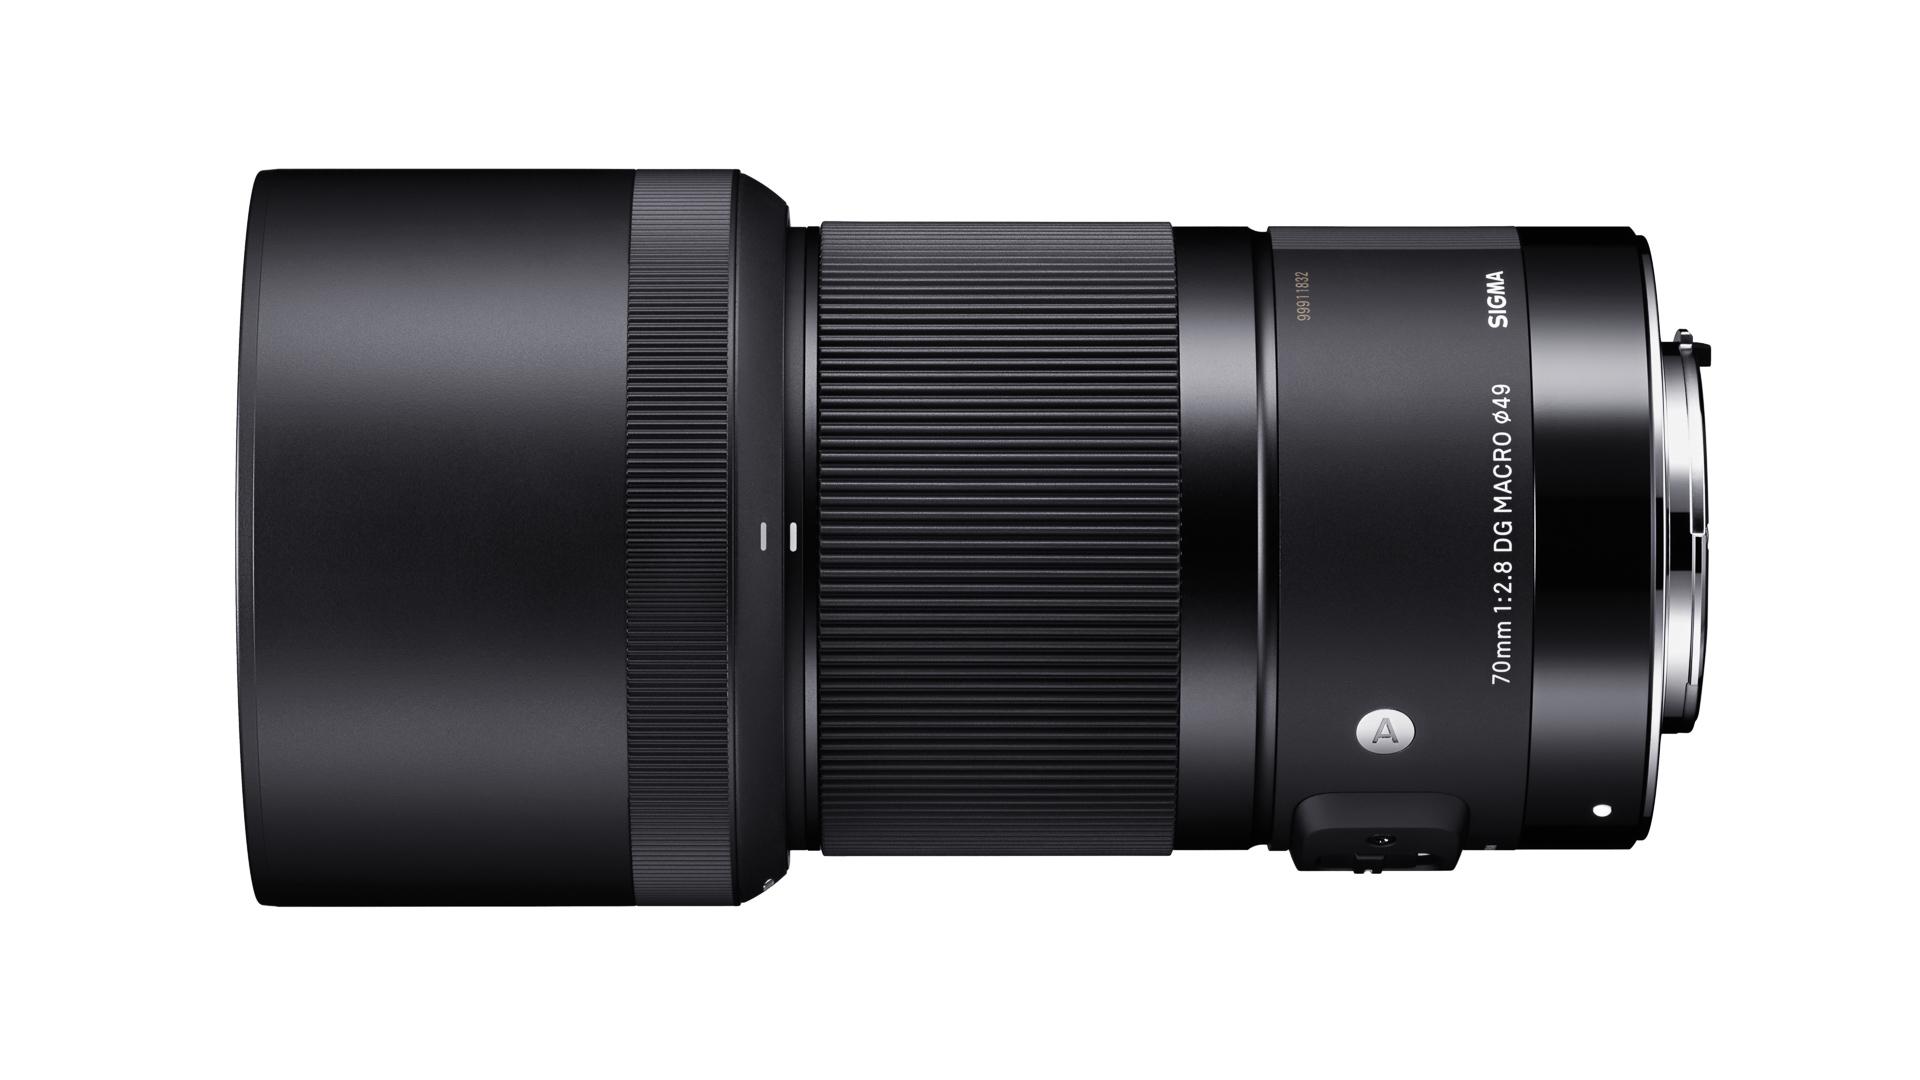 シグマがArtシリーズに105mm f1.4と70mm Macro f2.8を追加